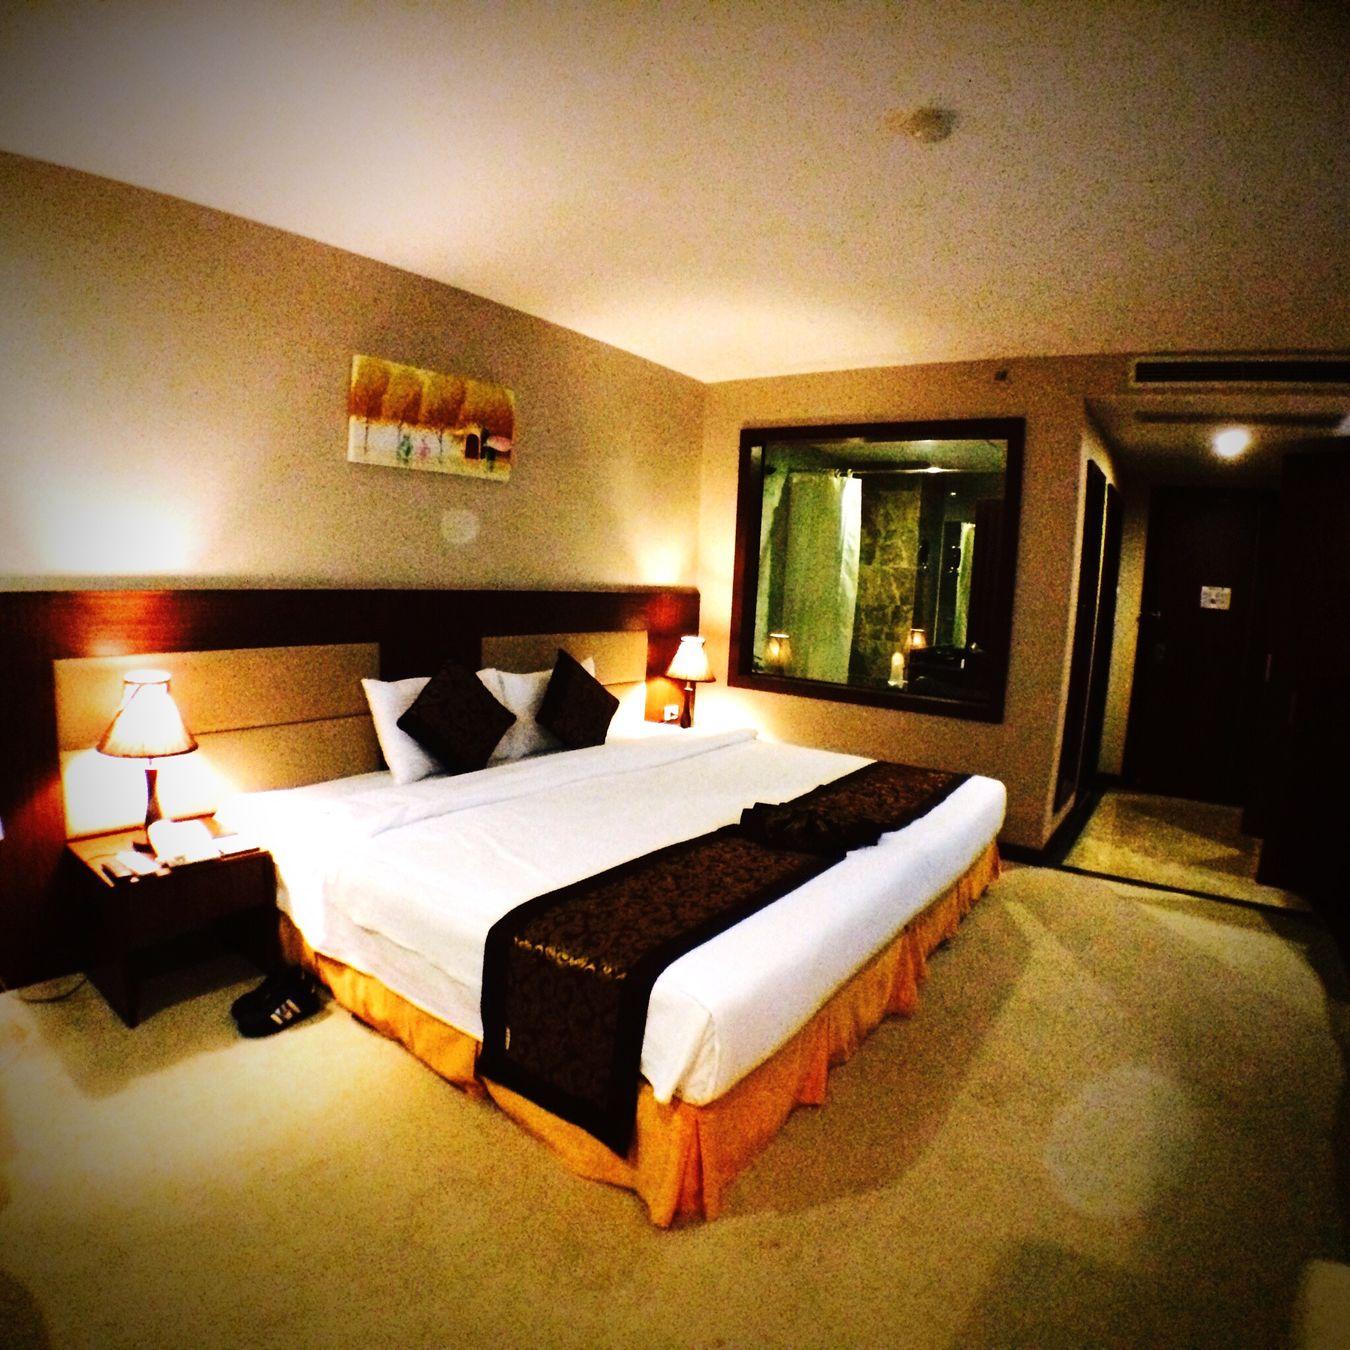 東南アジア ダナン ベトナム ムオンタンダナン ホテル Muongthanhdanang Hotel Hotel Room 客室 ダブルベッド Deluxe Doubleroom Danang, Vietnam Danang Danangfood 四つ星 まあまあ キレイ 虫 いたけど